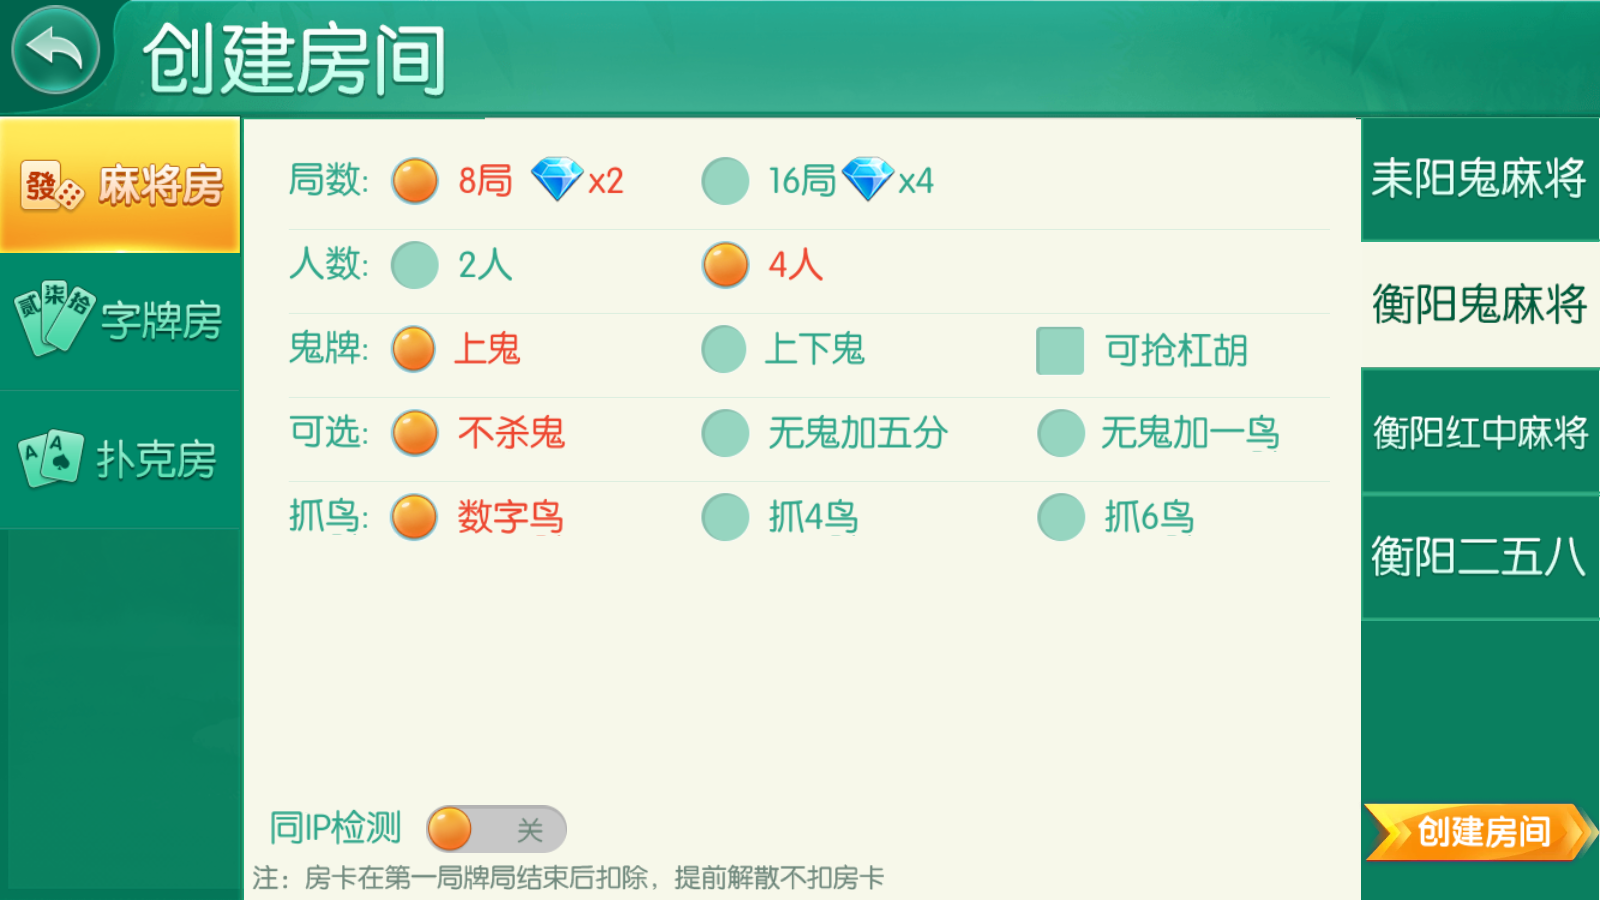 网狐二开跑胡子合集 麻将游戏 字牌游戏 扑克游戏 完整整理-第10张